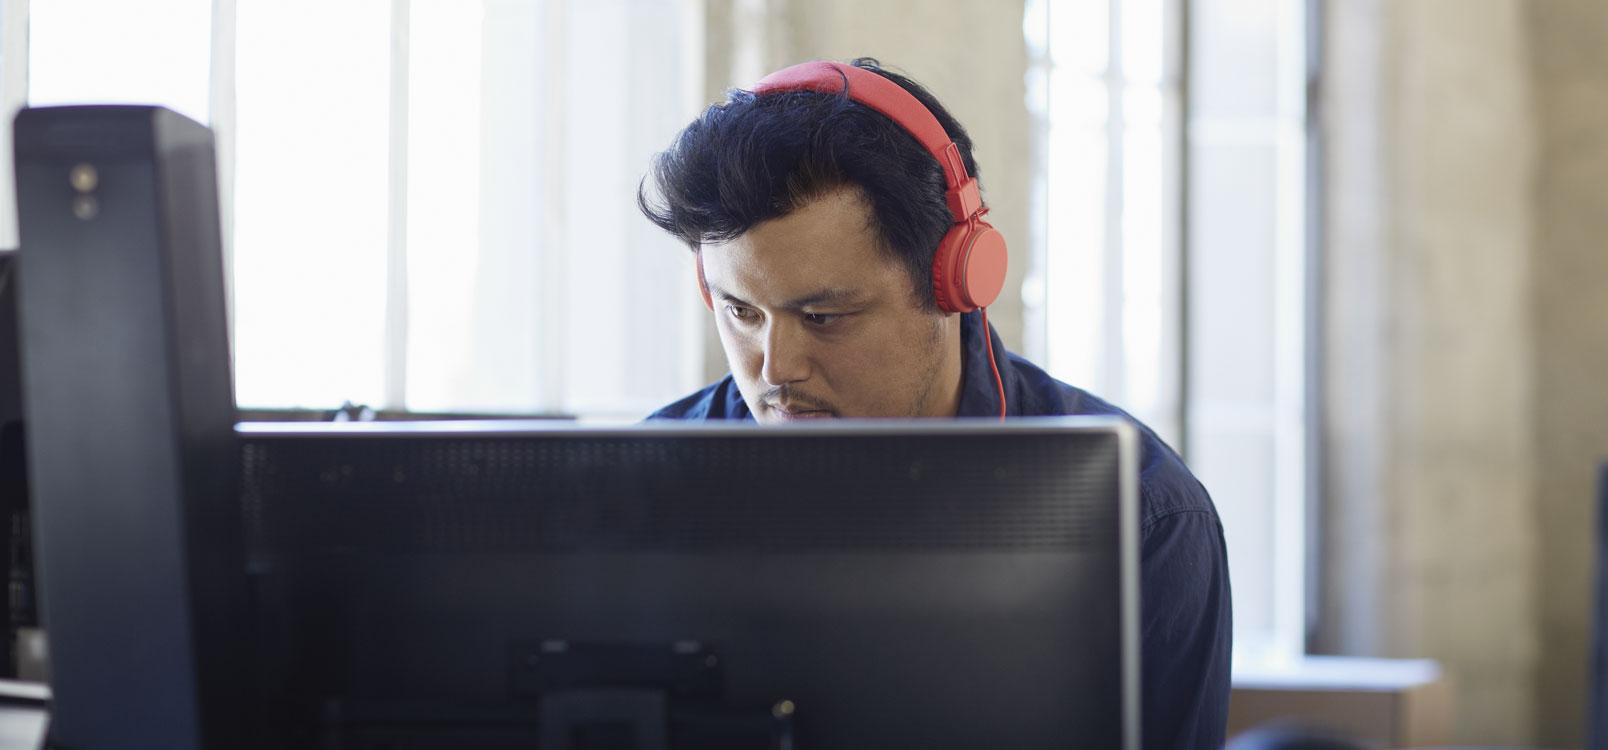 Mies työskentelee kuulokkeet päässään pöytätietokoneella ja hyödyntää yksinkertaisia IT-ratkaisuja Office 365:n avulla.